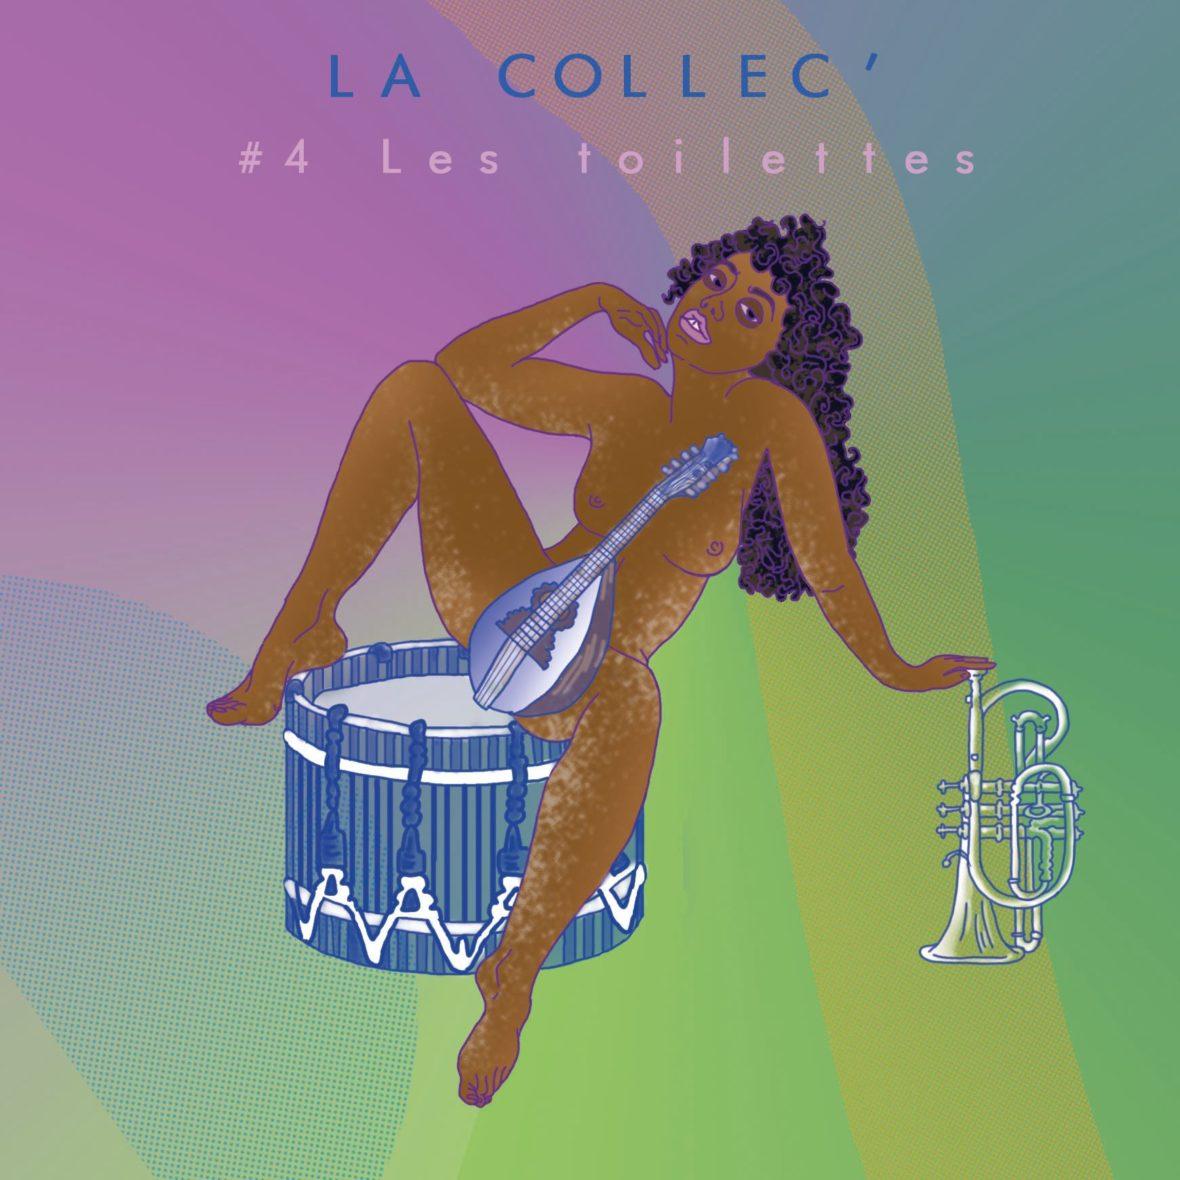 Podcast La Collec' S0204 - Les Toilettes - Visuel de Cannelle Mekki